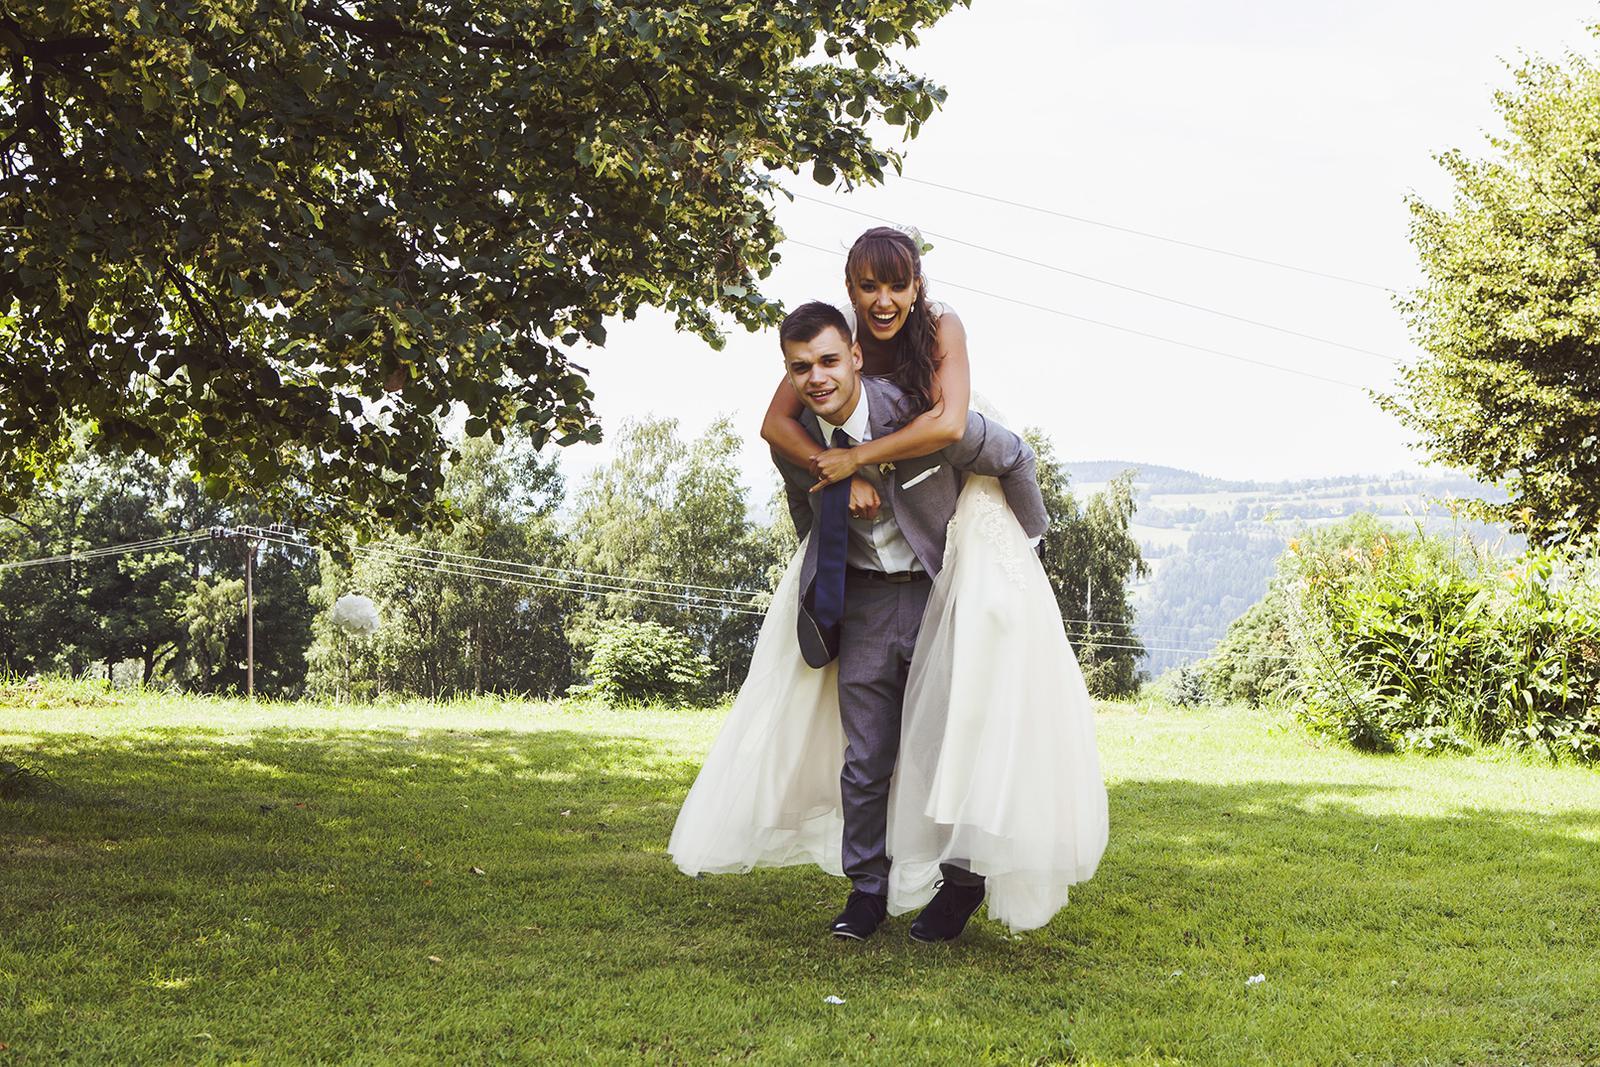 Svatba Krkonose - Obrázek č. 53